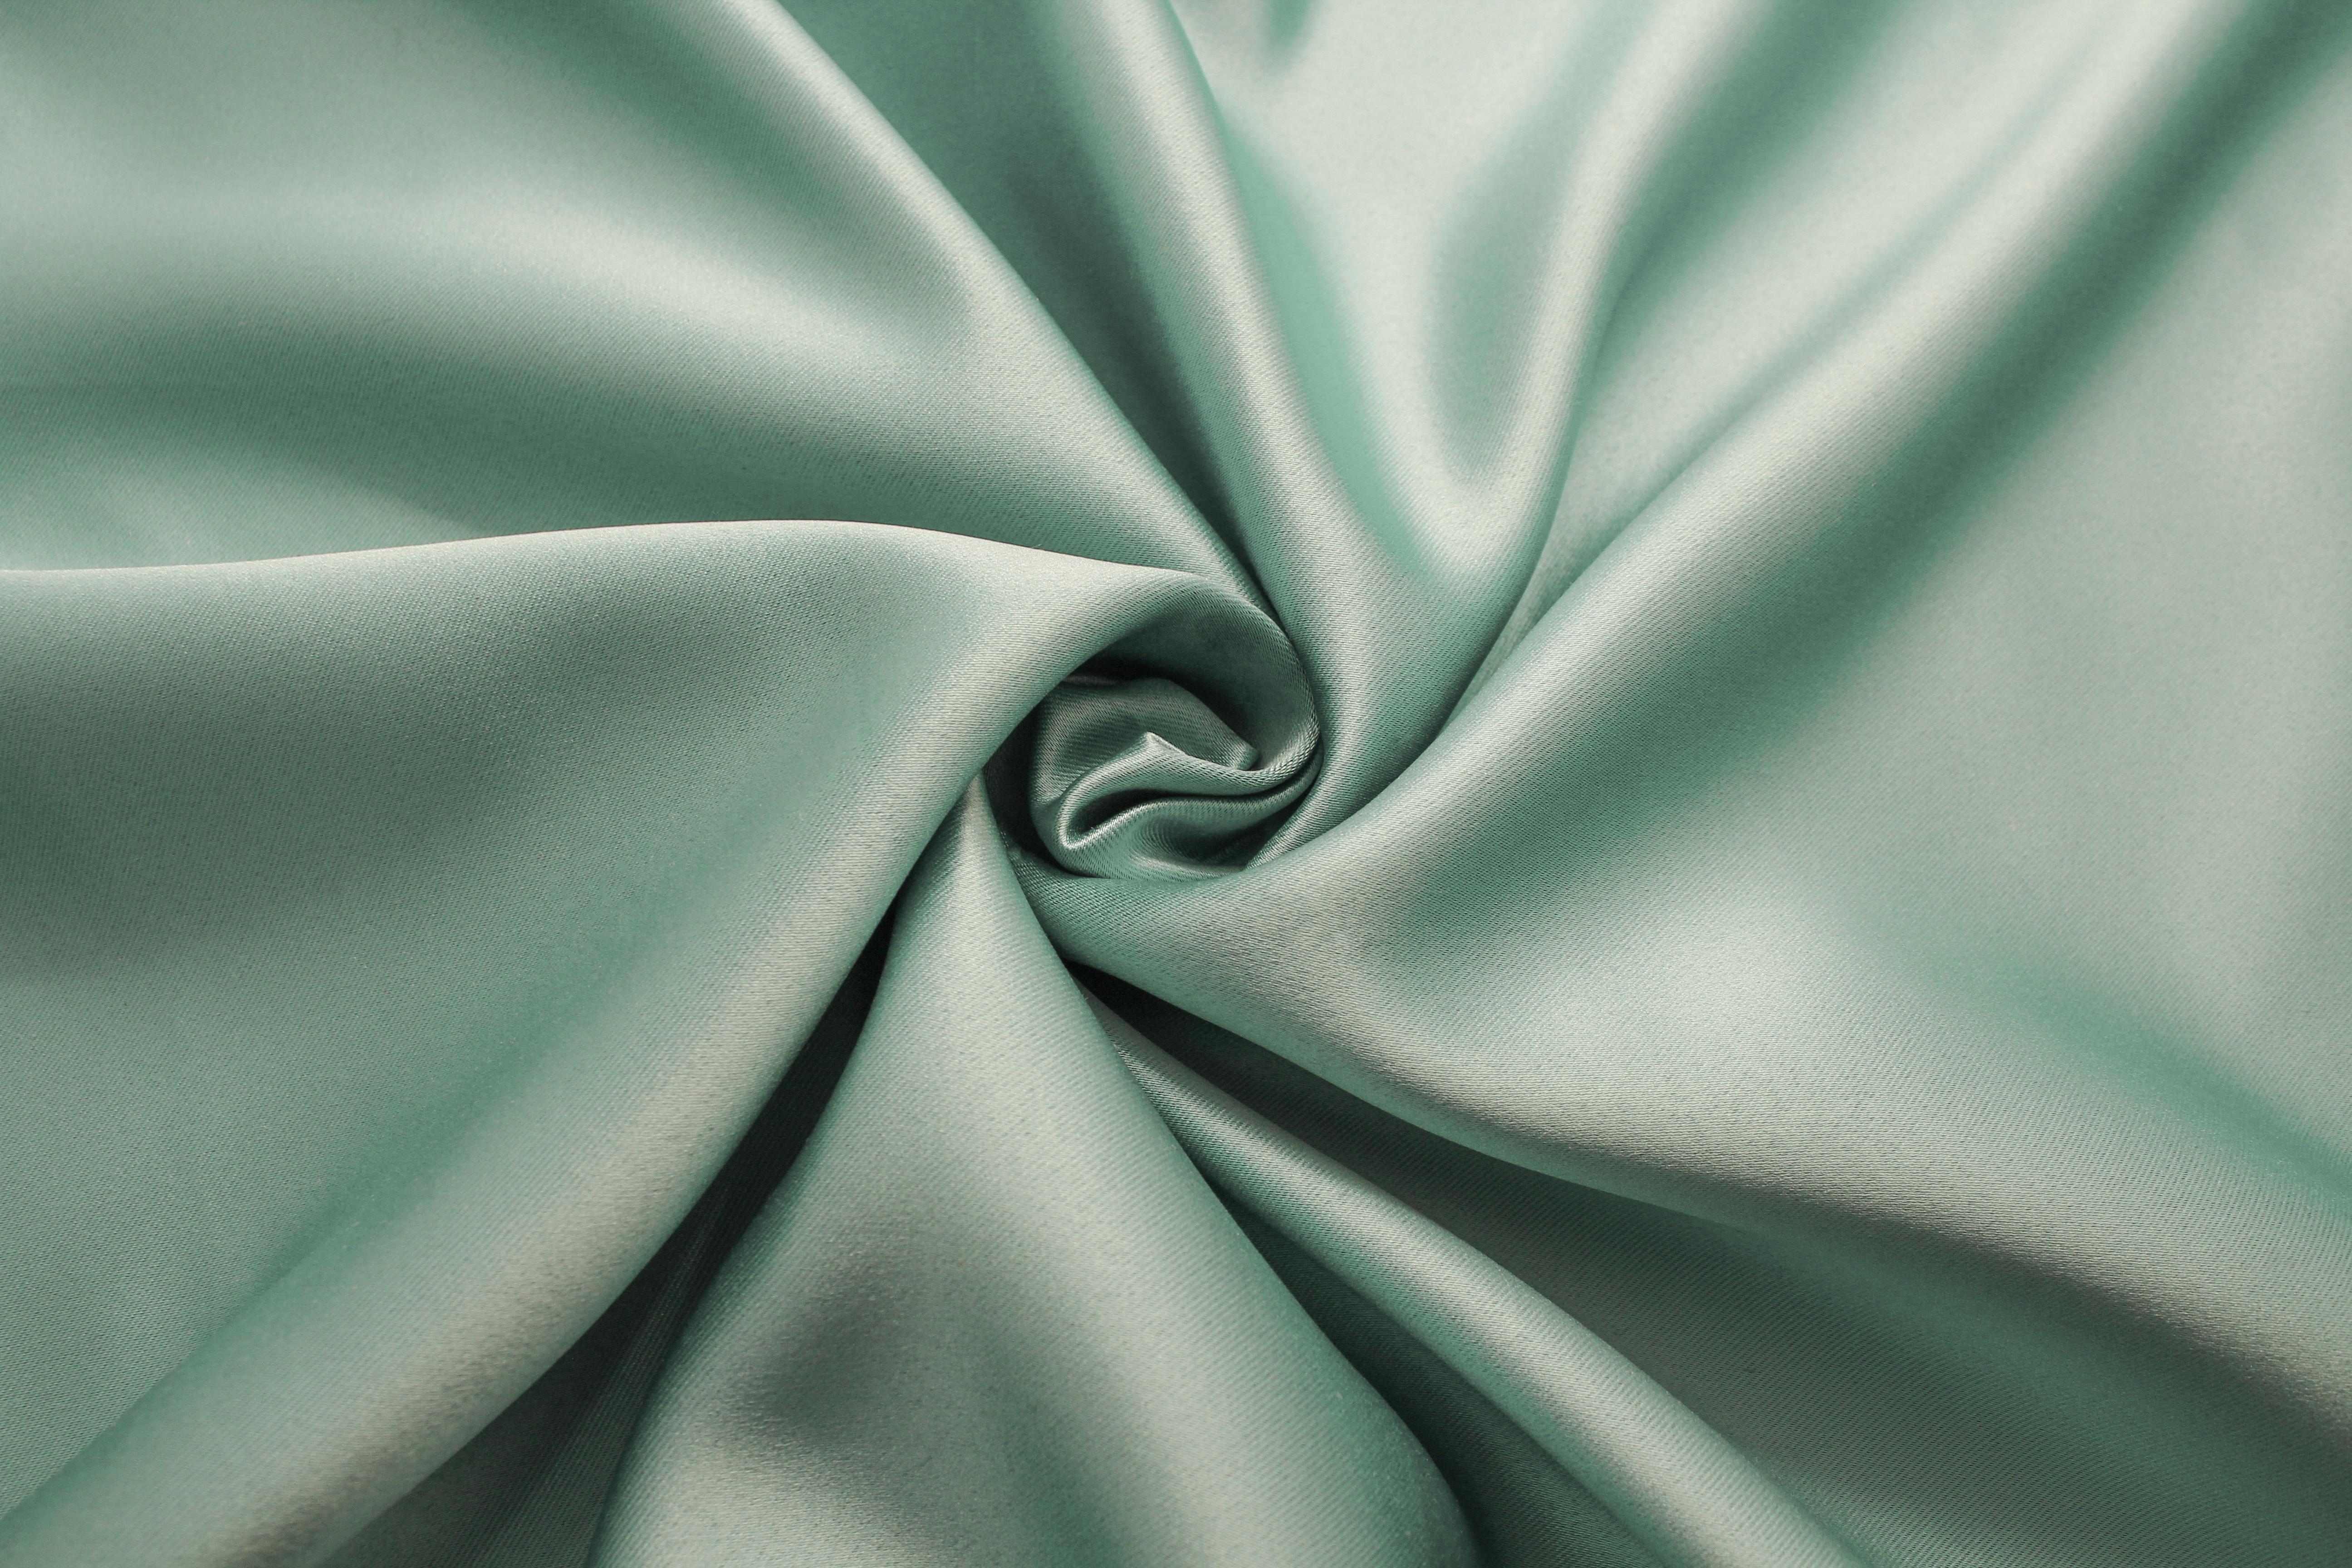 Купить Ткани TexRepublic, Материал Blackout Glaze Цвет: Ментол, Китай, Зеленый